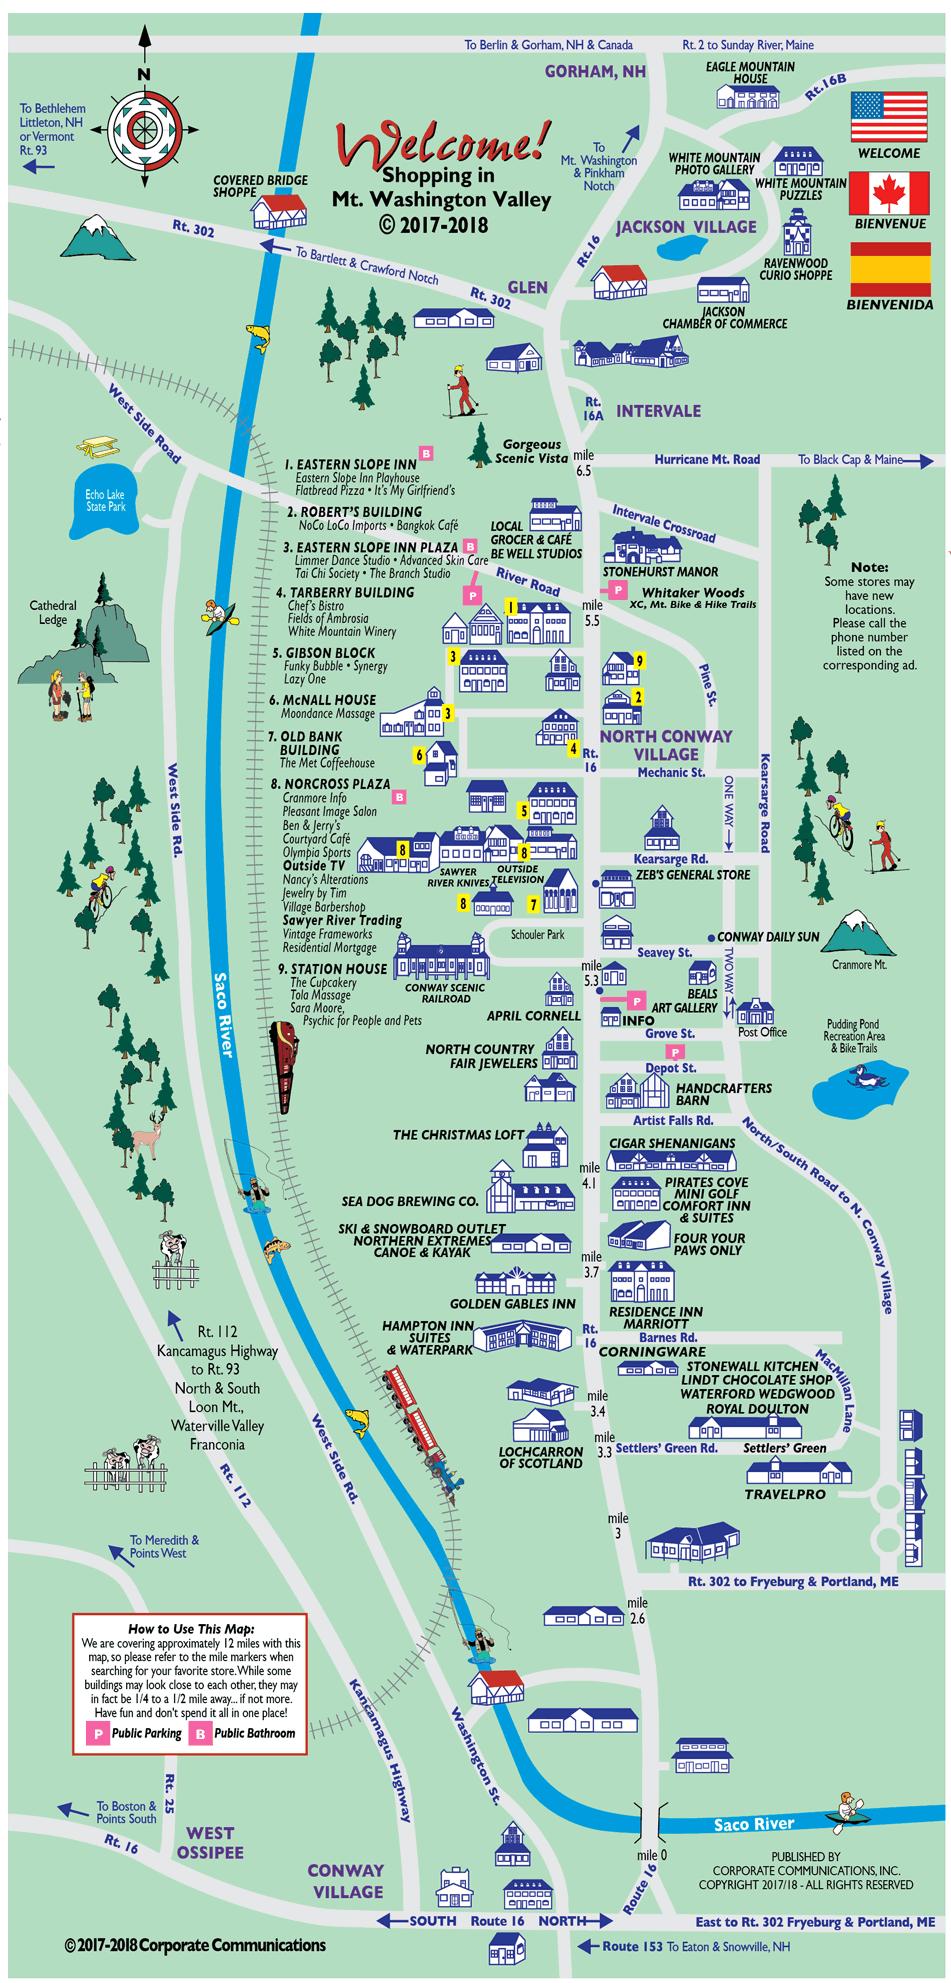 Pin on Travel Map North Conway Nh on north portland oregon map, hampton nh map, attitash nh map, wolfeboro nh map, baker river nh map, plymouth nh map, nh new hampshire state map, north conway new hampshire, presidential range nh map, tamworth nh map, north conway hotels, portsmouth nh map, littleton nh map, lincoln nh map, nashua nh map, keene nh map, northwood nh map, jackson nh map, mount washington nh map, white mountains nh map,